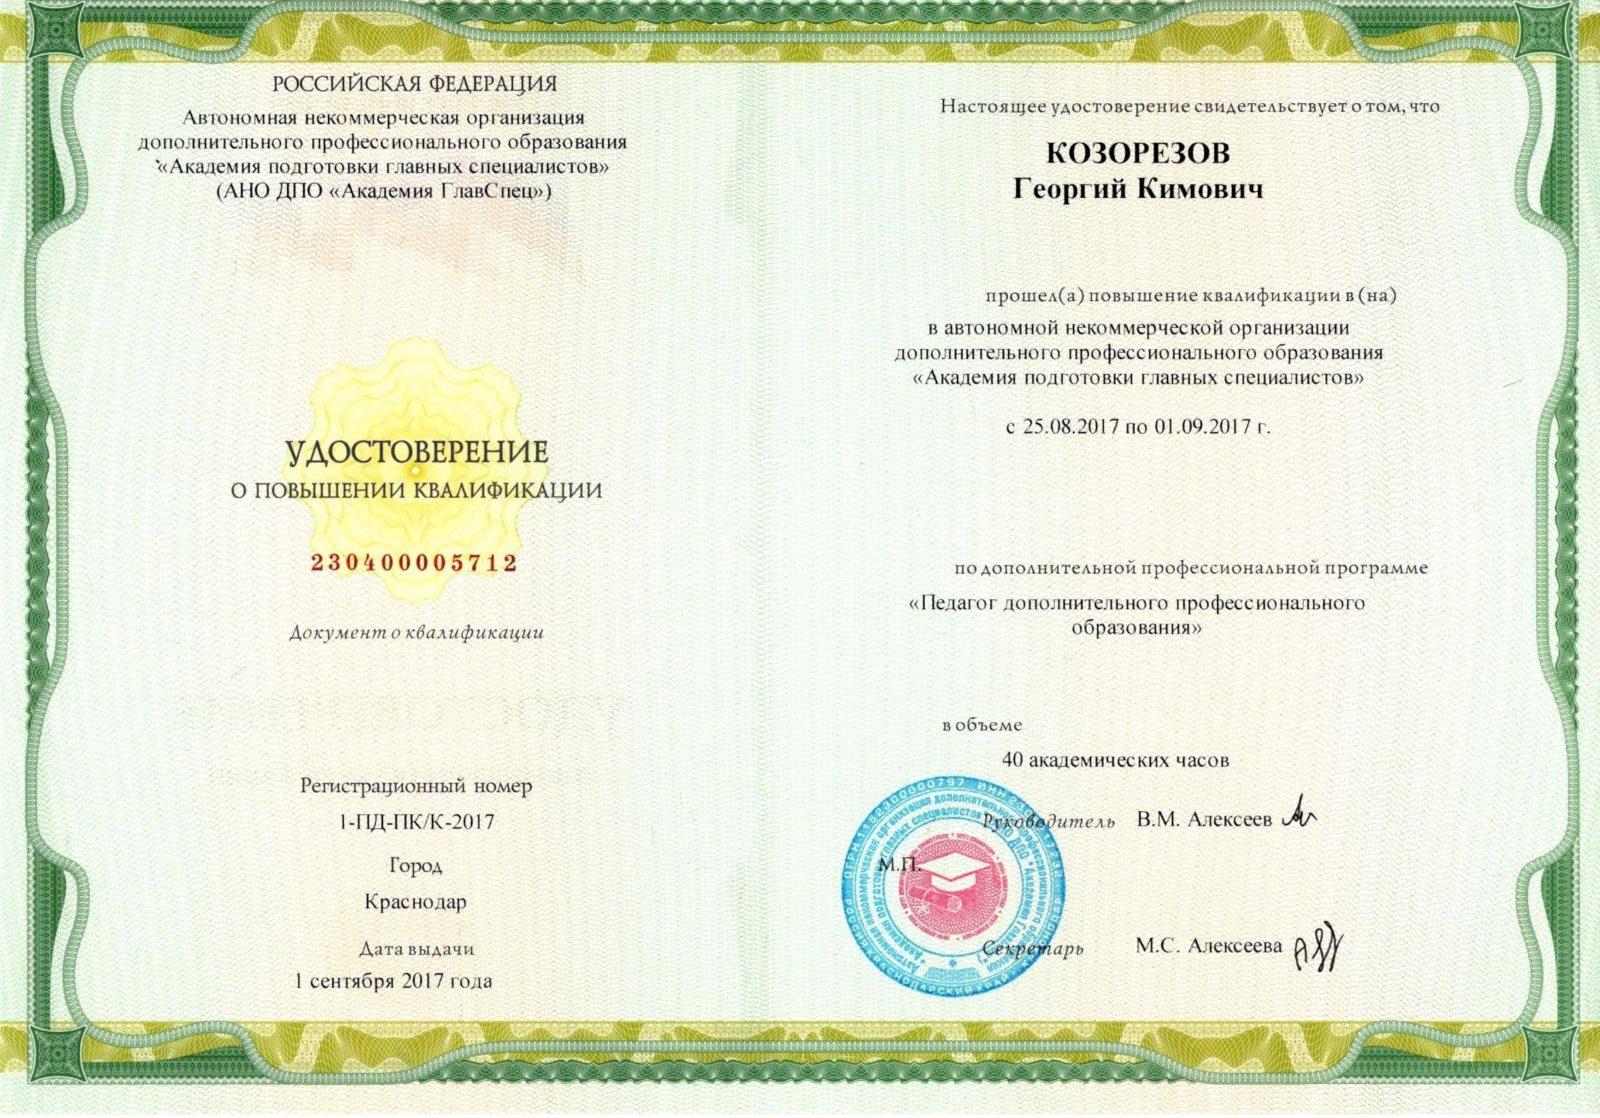 удостоверение - Козорезов